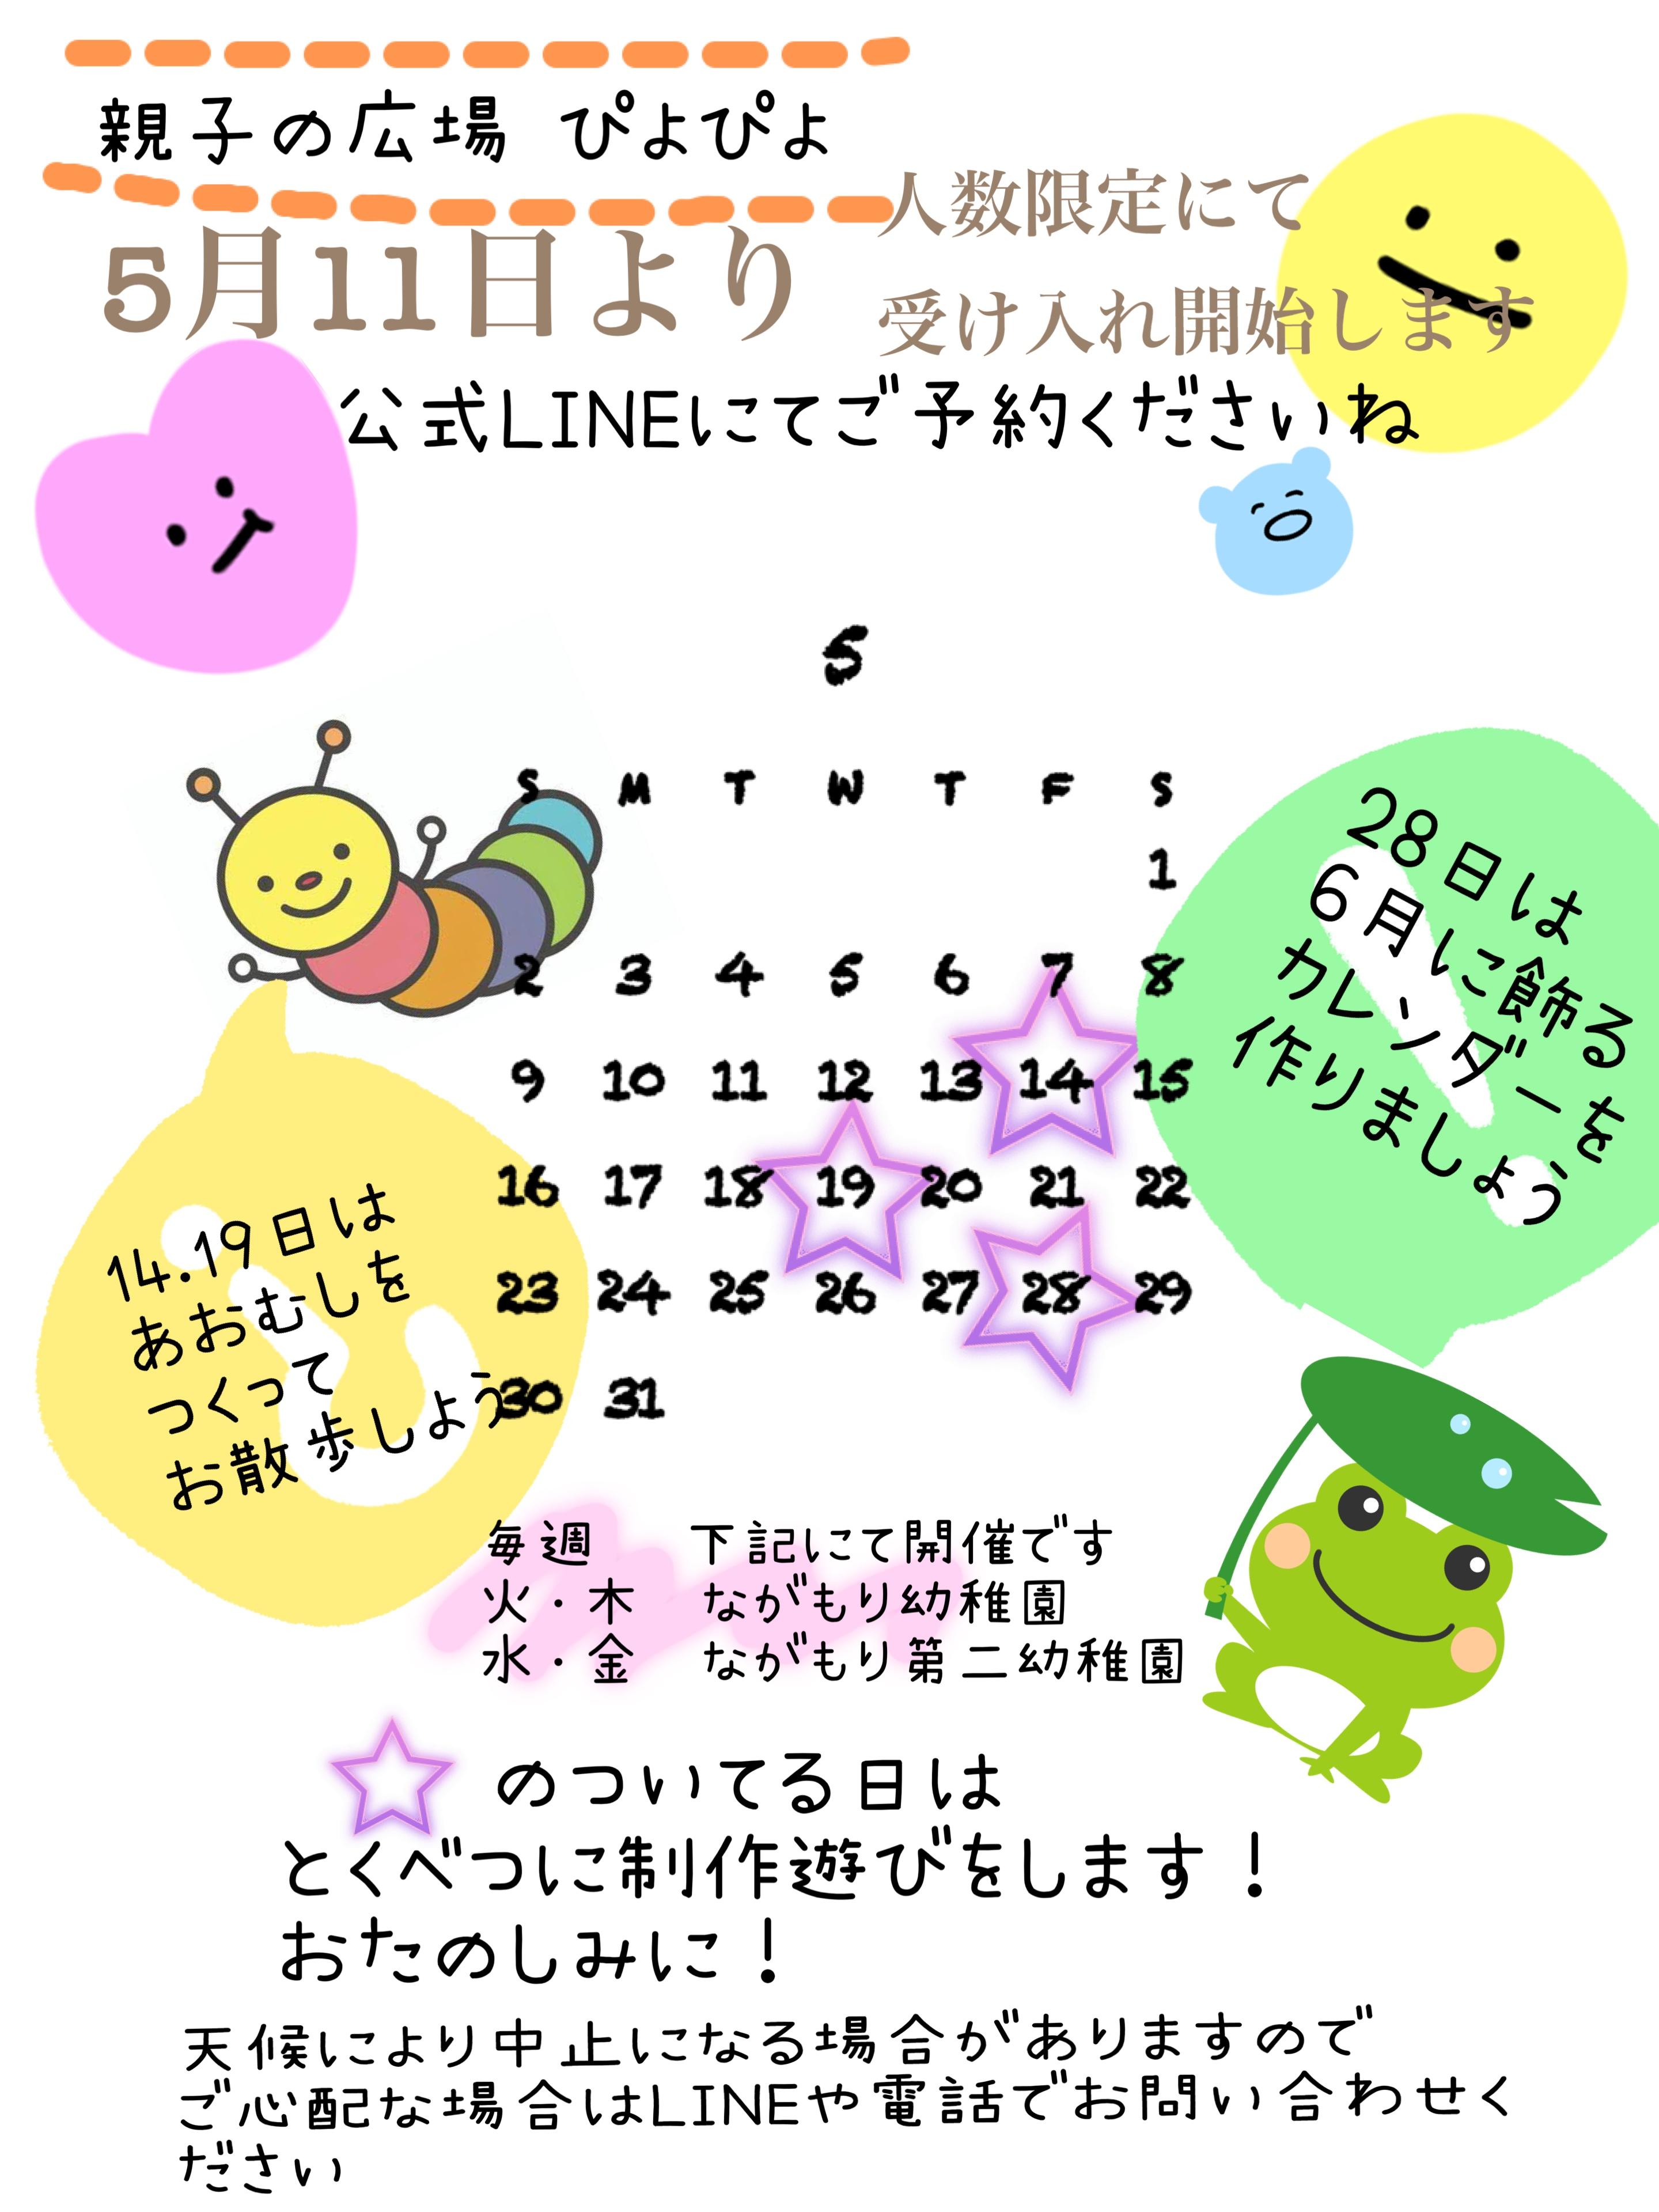 5月から今年も「ぴよぴよ」始まります!